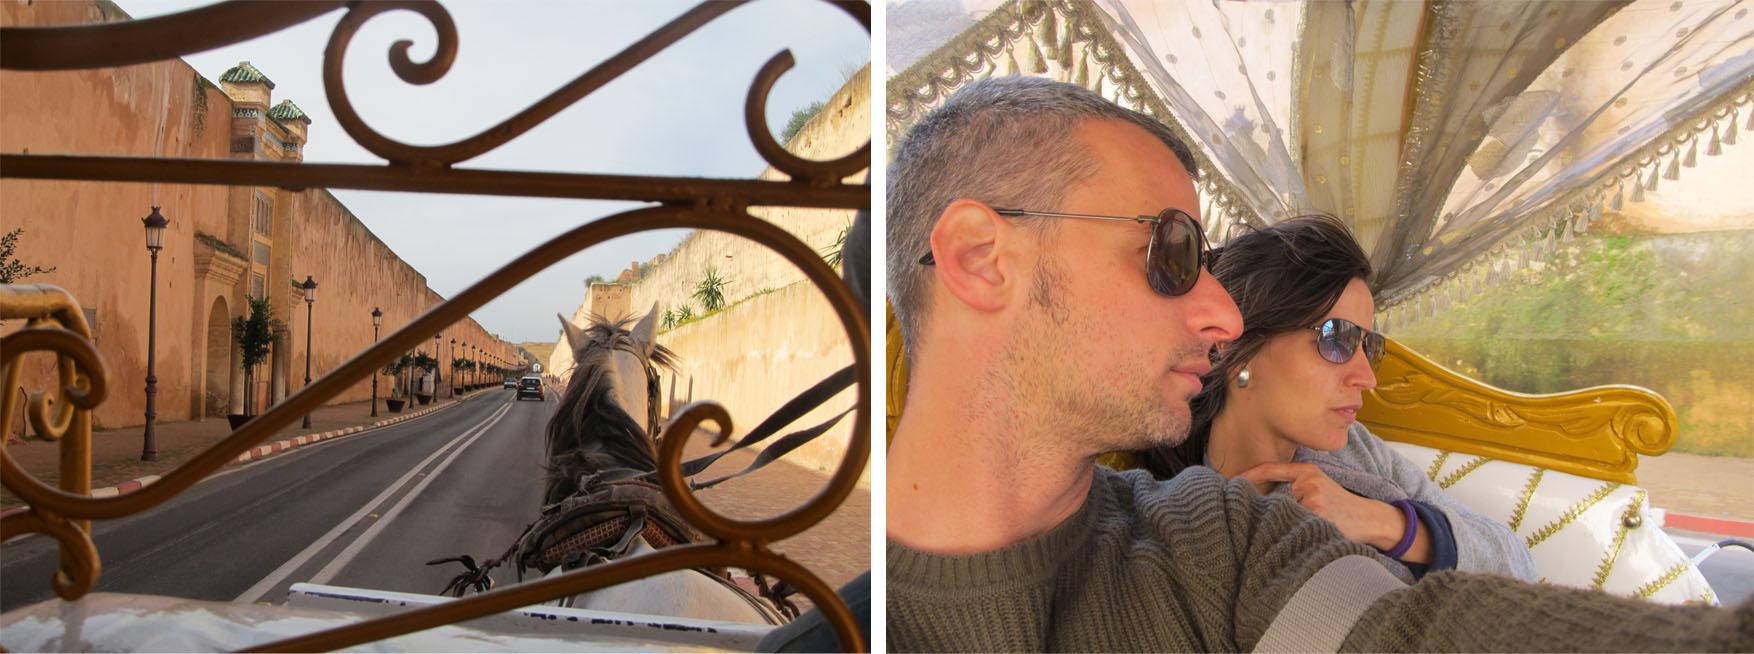 170 maroko meknes kraljevski povratak kocijama